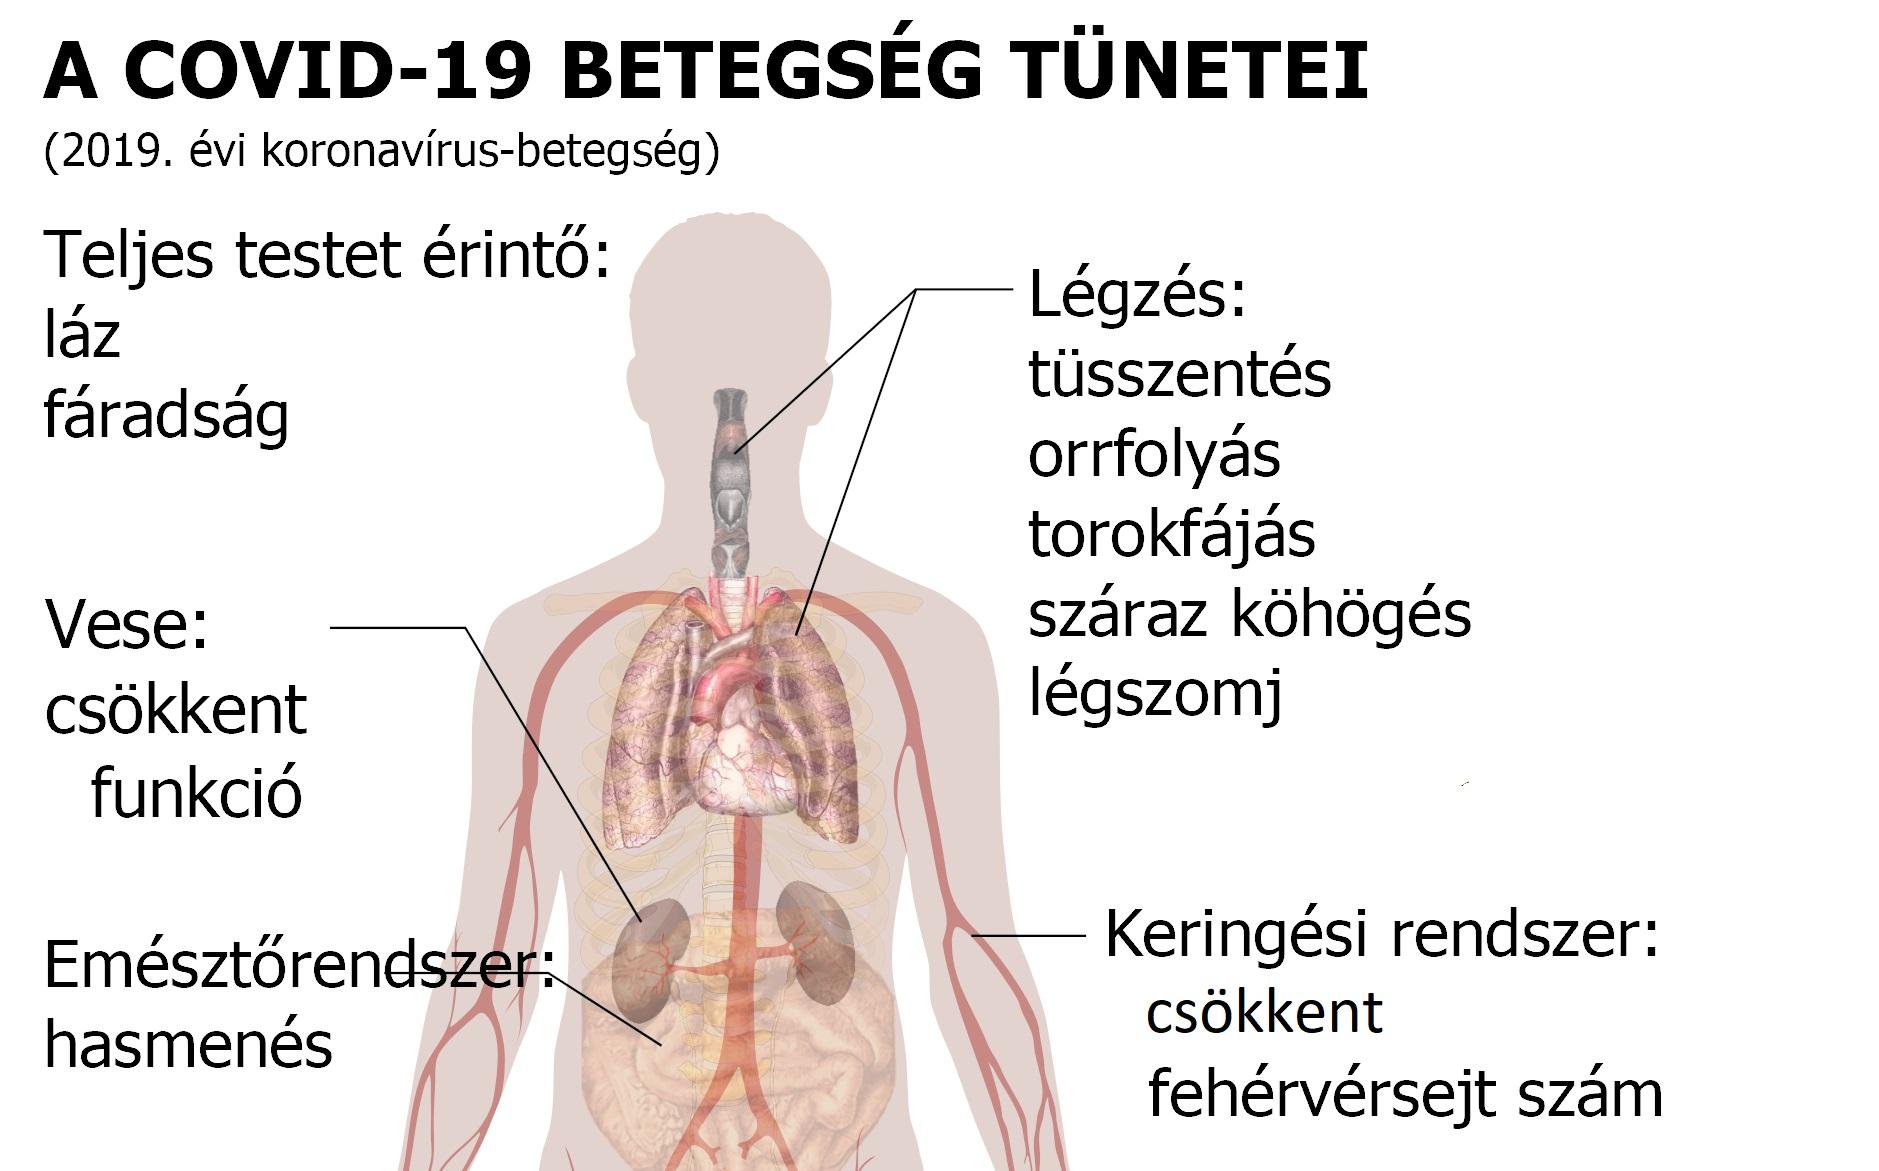 vese magas vérnyomás tesztek hipertónia kockázata 4 fok mi ez